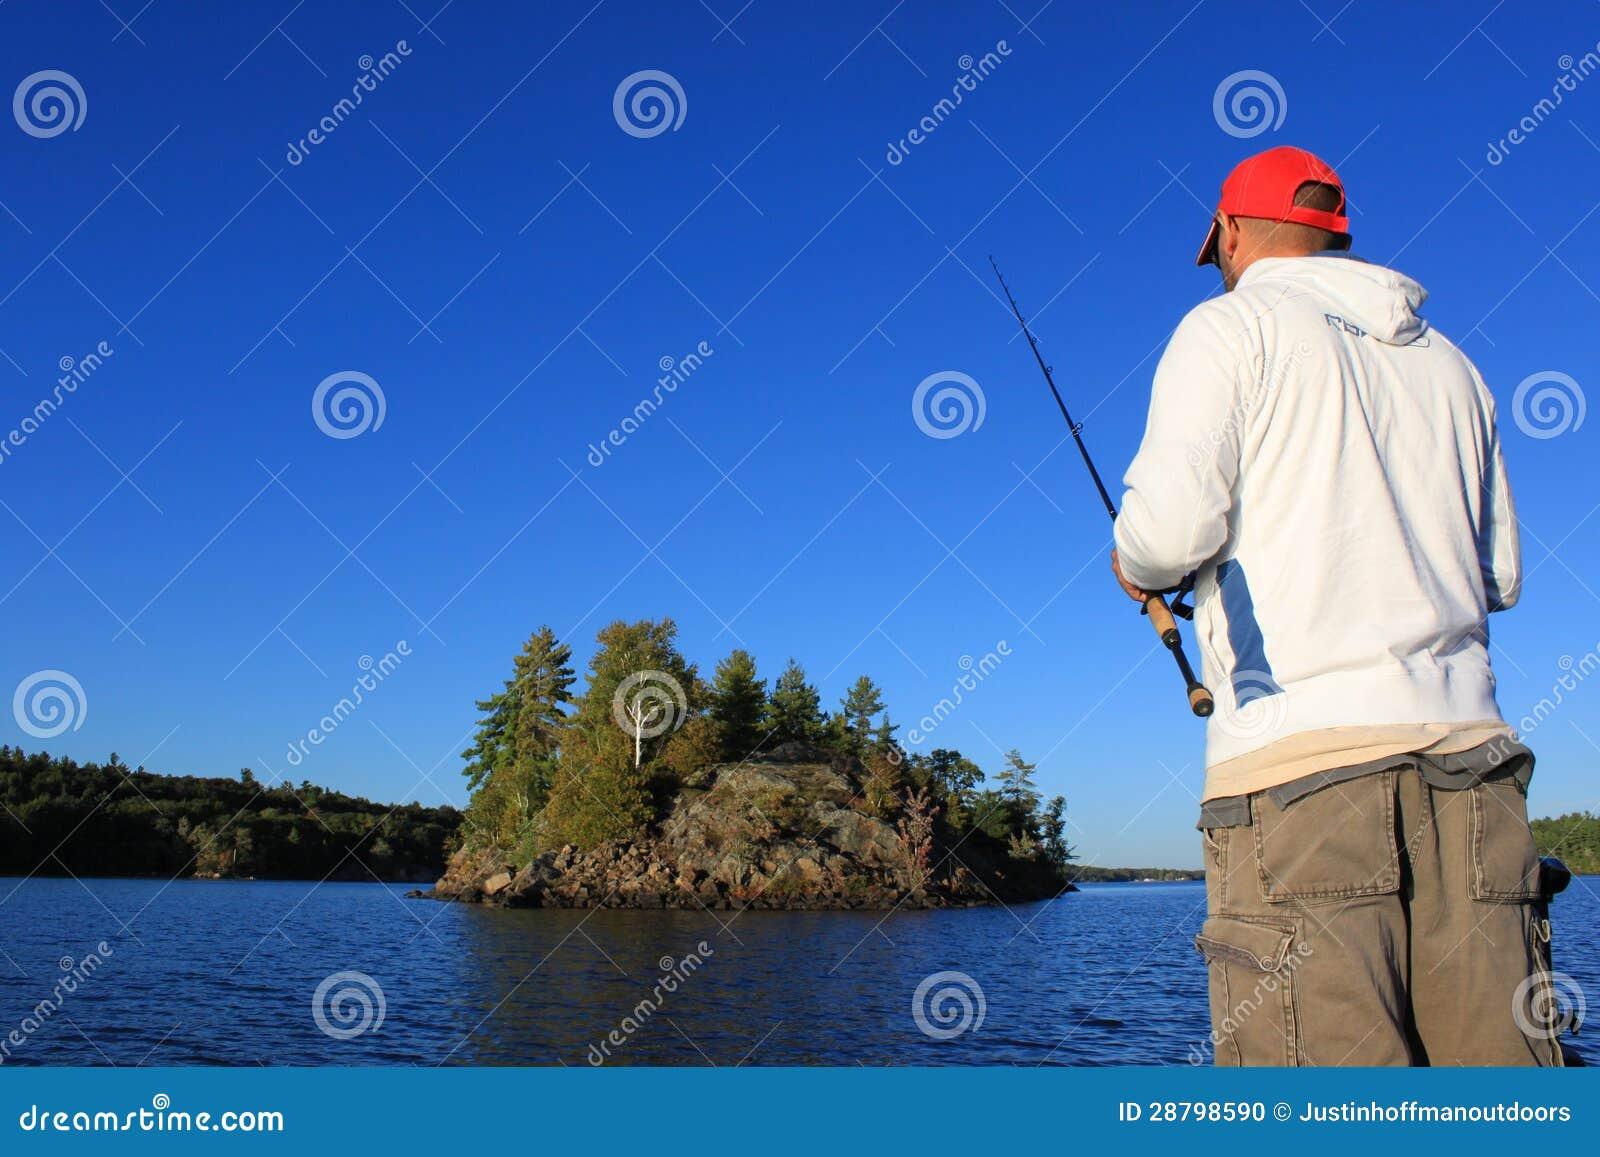 Man fishing on lake stock photo image 28798590 for Z man fishing